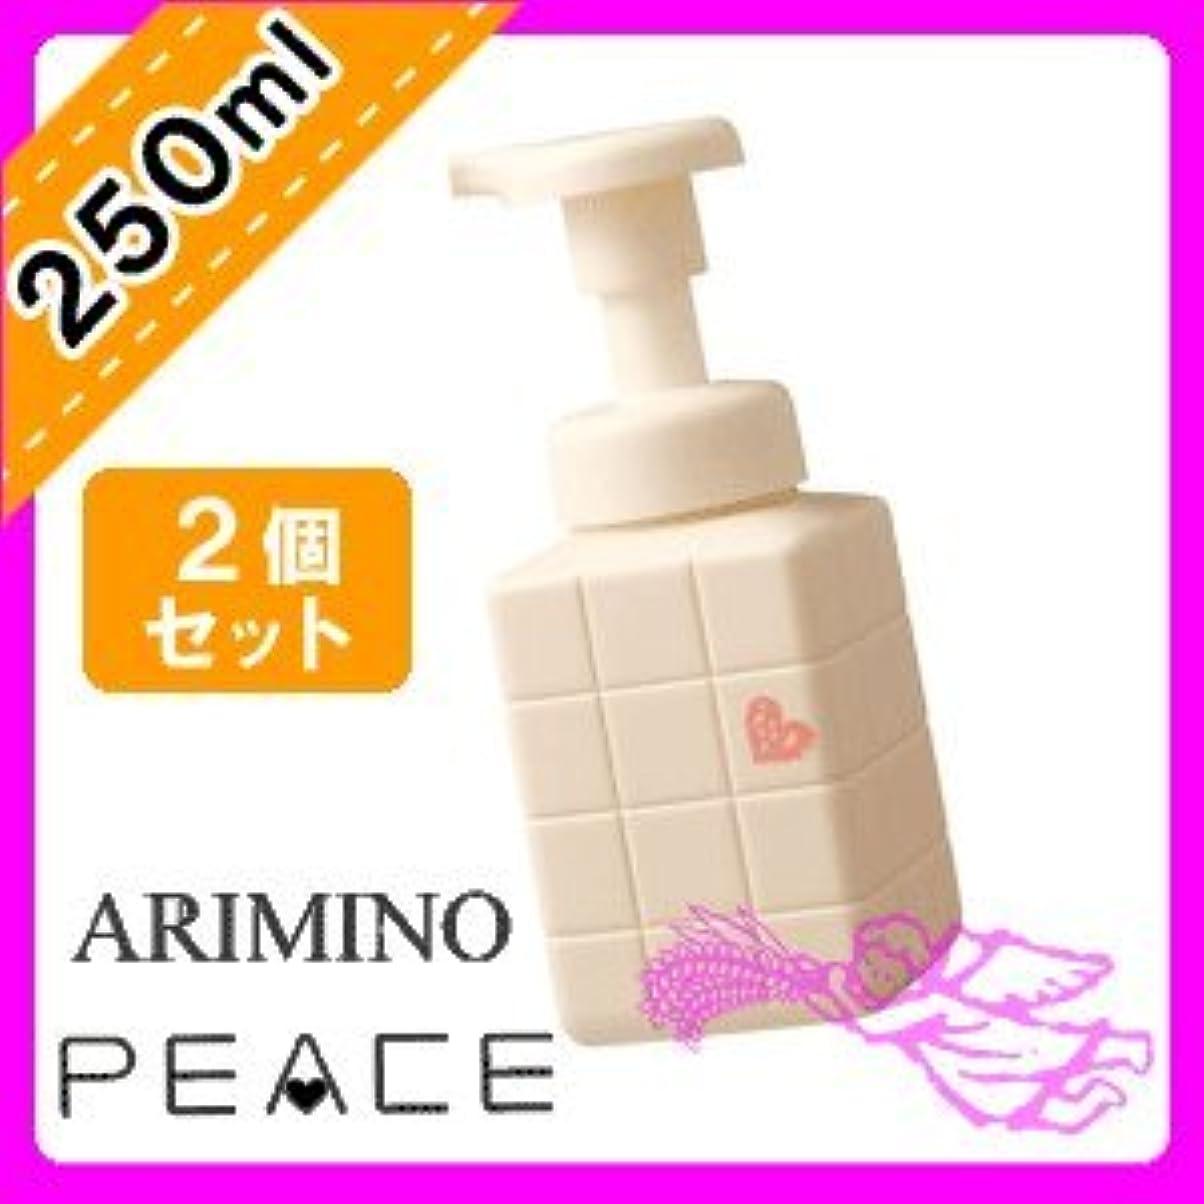 エイリアスぐるぐる私のアリミノ ピース ホイップワックス PEACE ナチュラルウェーブ ホイップ250mL ×2個 セット arimino PEACE